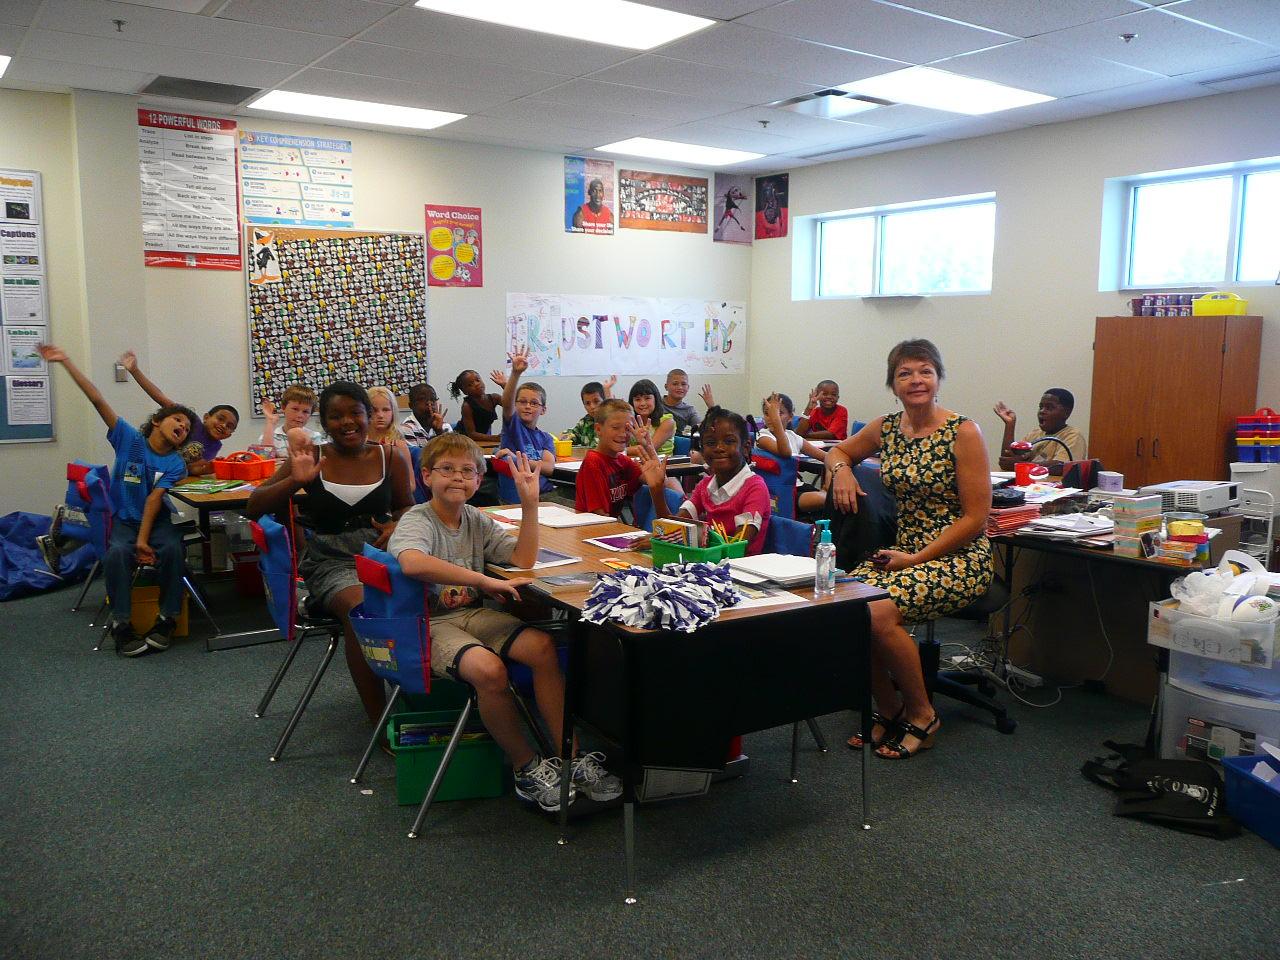 Ms. Fischer's Class